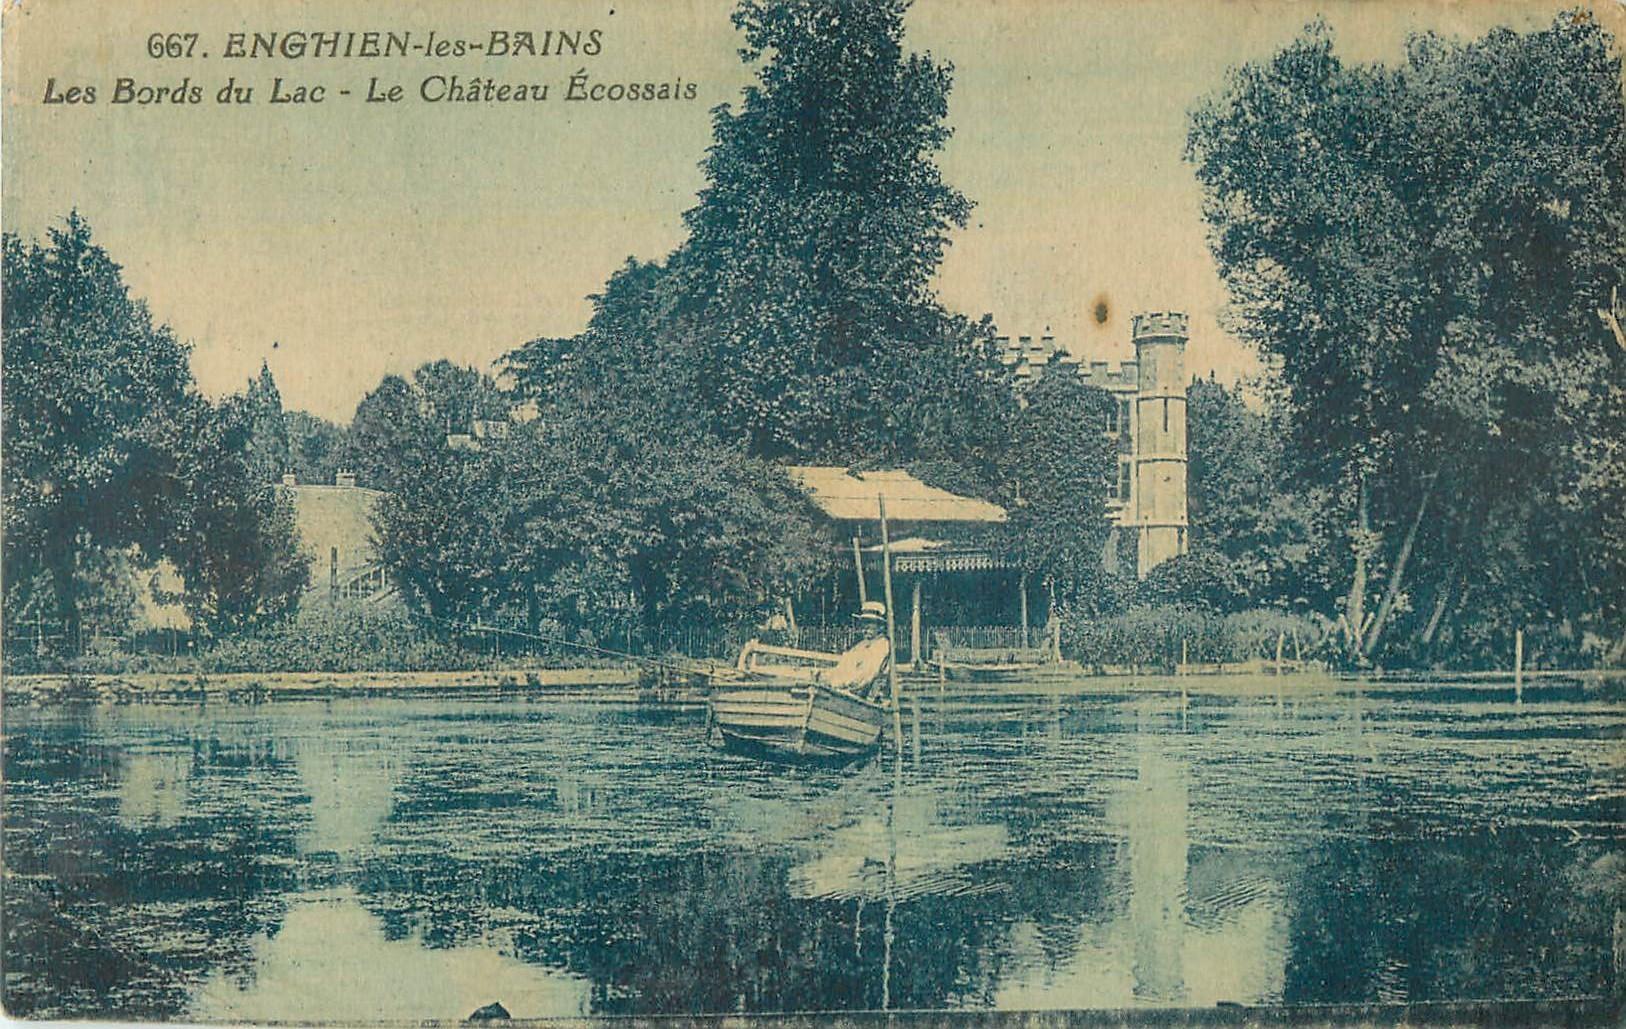 95 ENGHIEN-LES-BAINS. Le Château Ecossais sur les Bords du Lac avec canoteur